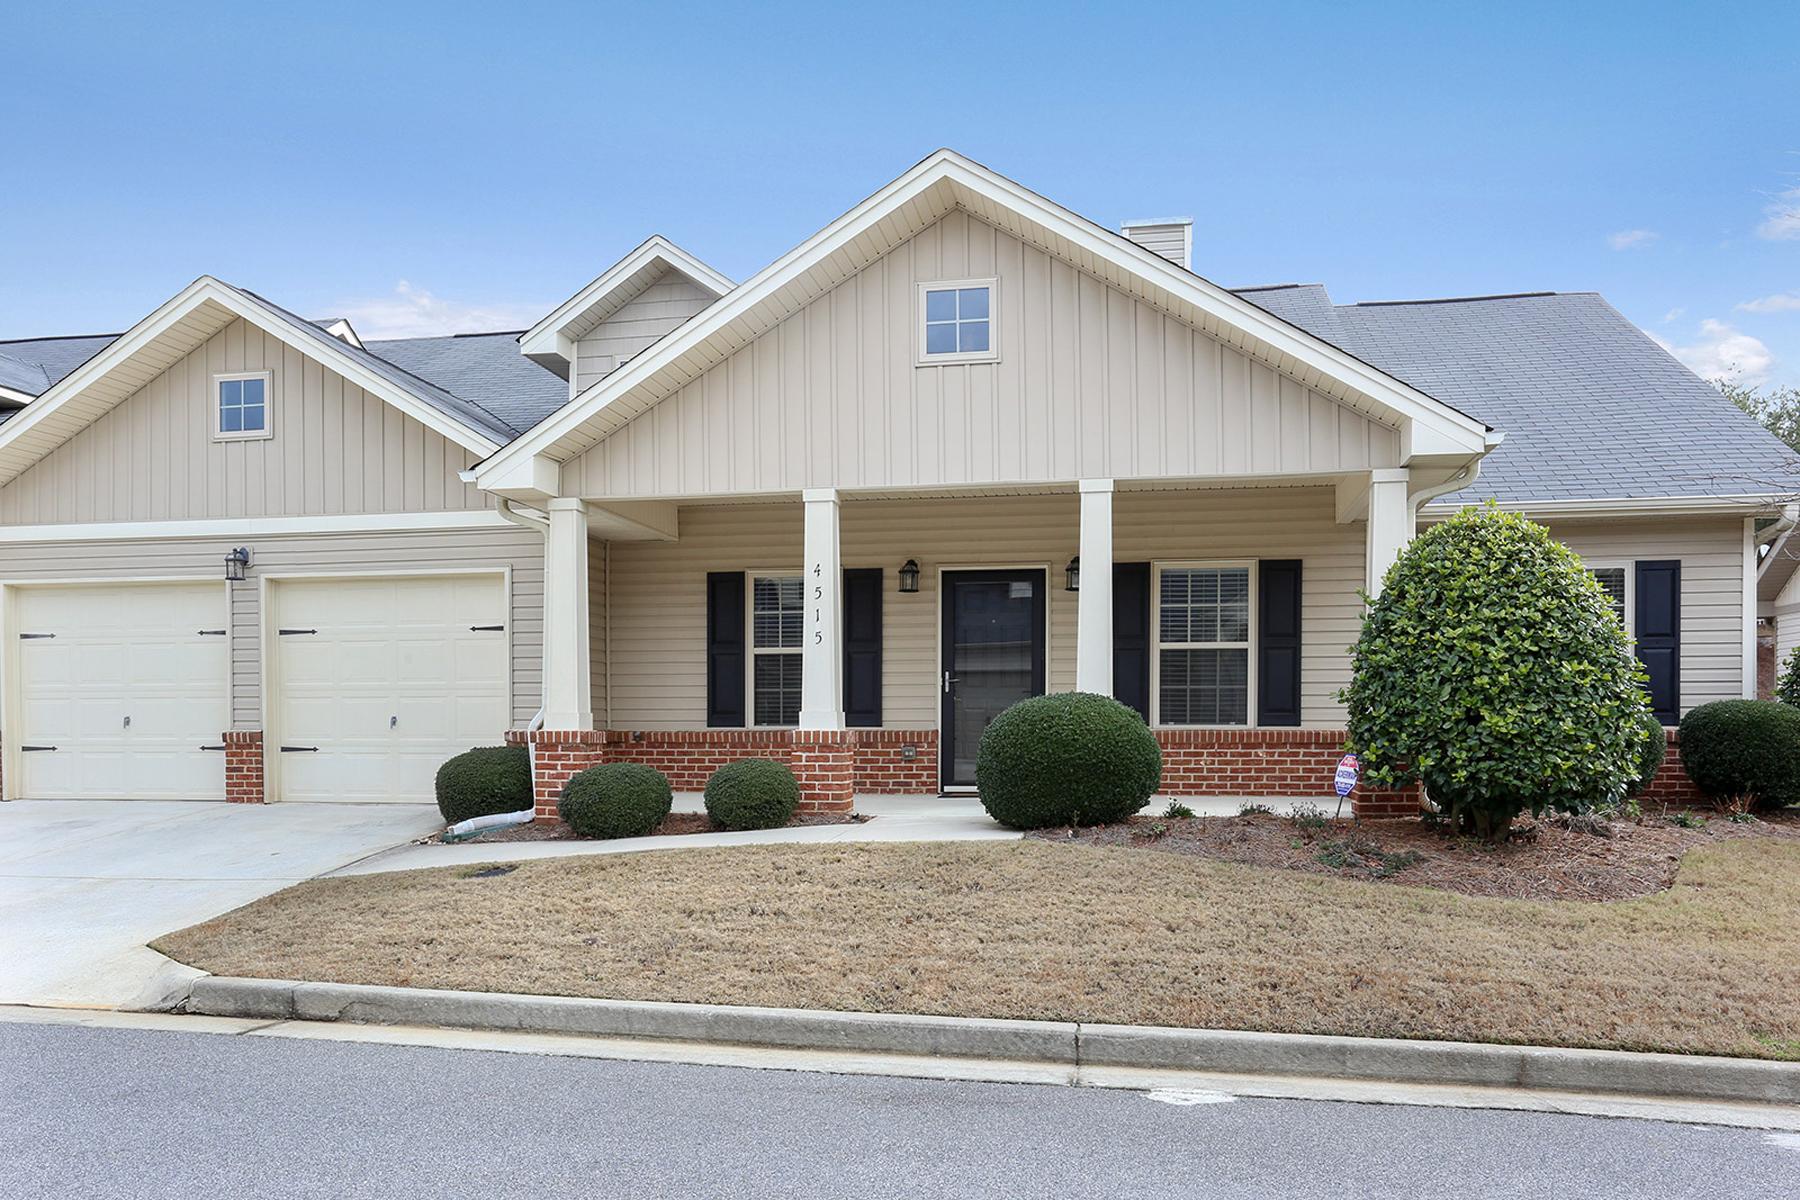 단독 가정 주택 용 매매 에 Like-New, Ranch Villa in Boutique, Gated Community 4515 Verlander Court Mableton, 조지아, 30126 미국